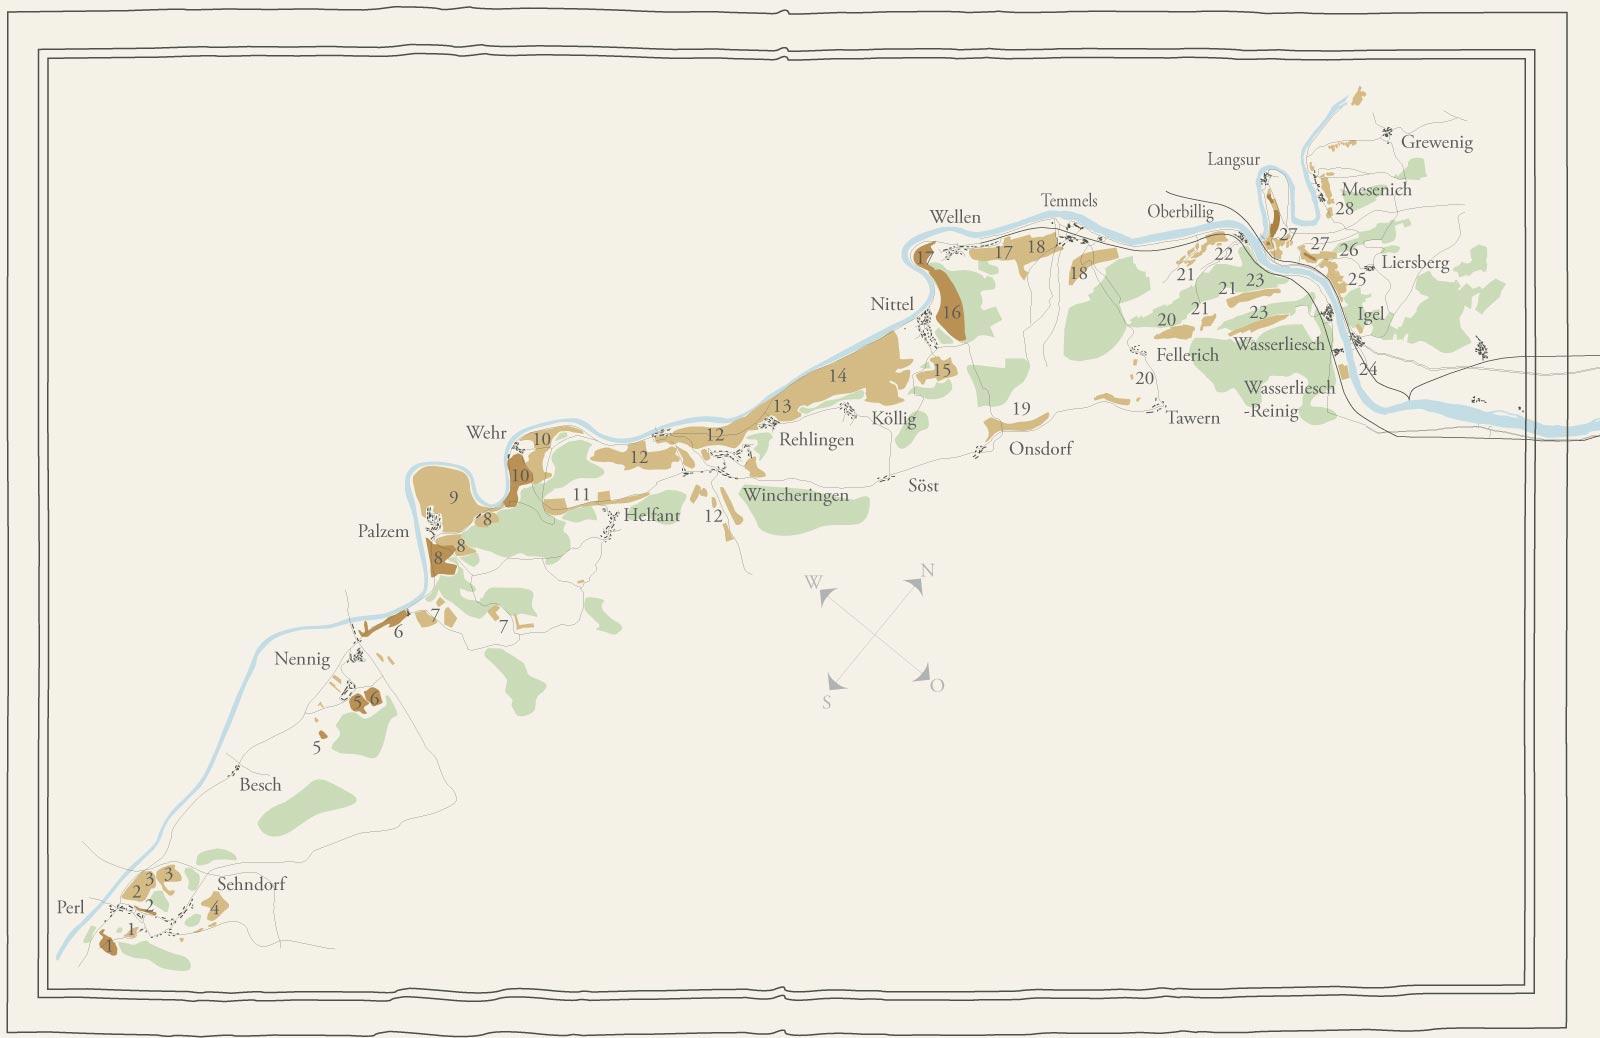 Weinbaukarte der Obermosel und des Moseltores im Stile des 19. Jahrhunderts